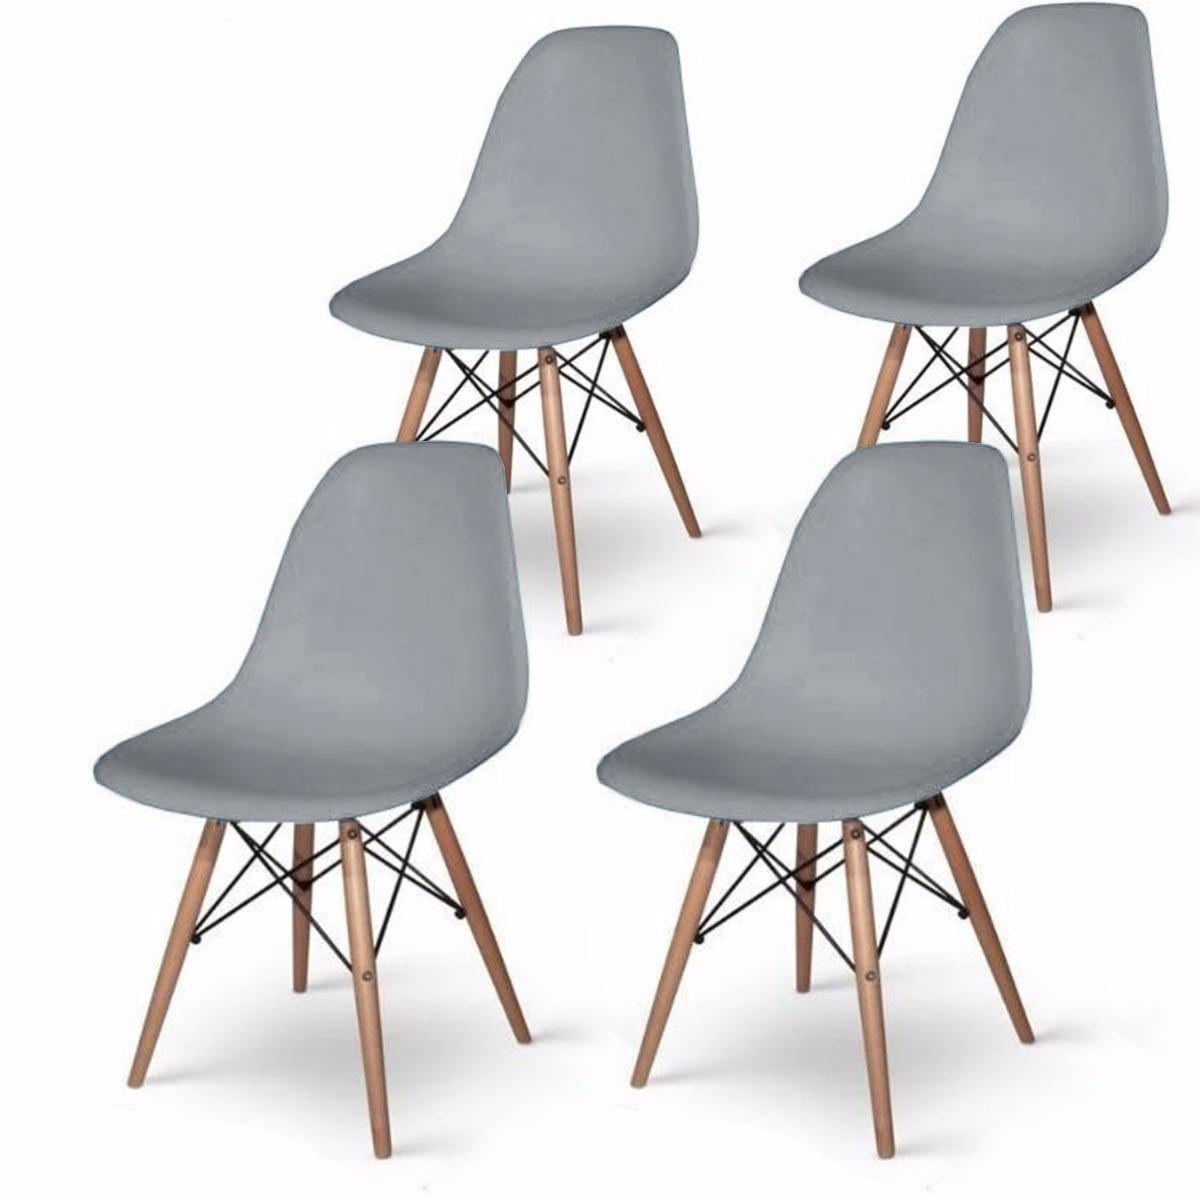 Set 4 sillas eames gris decoraci n interior modernas for Sillas modernas vintage